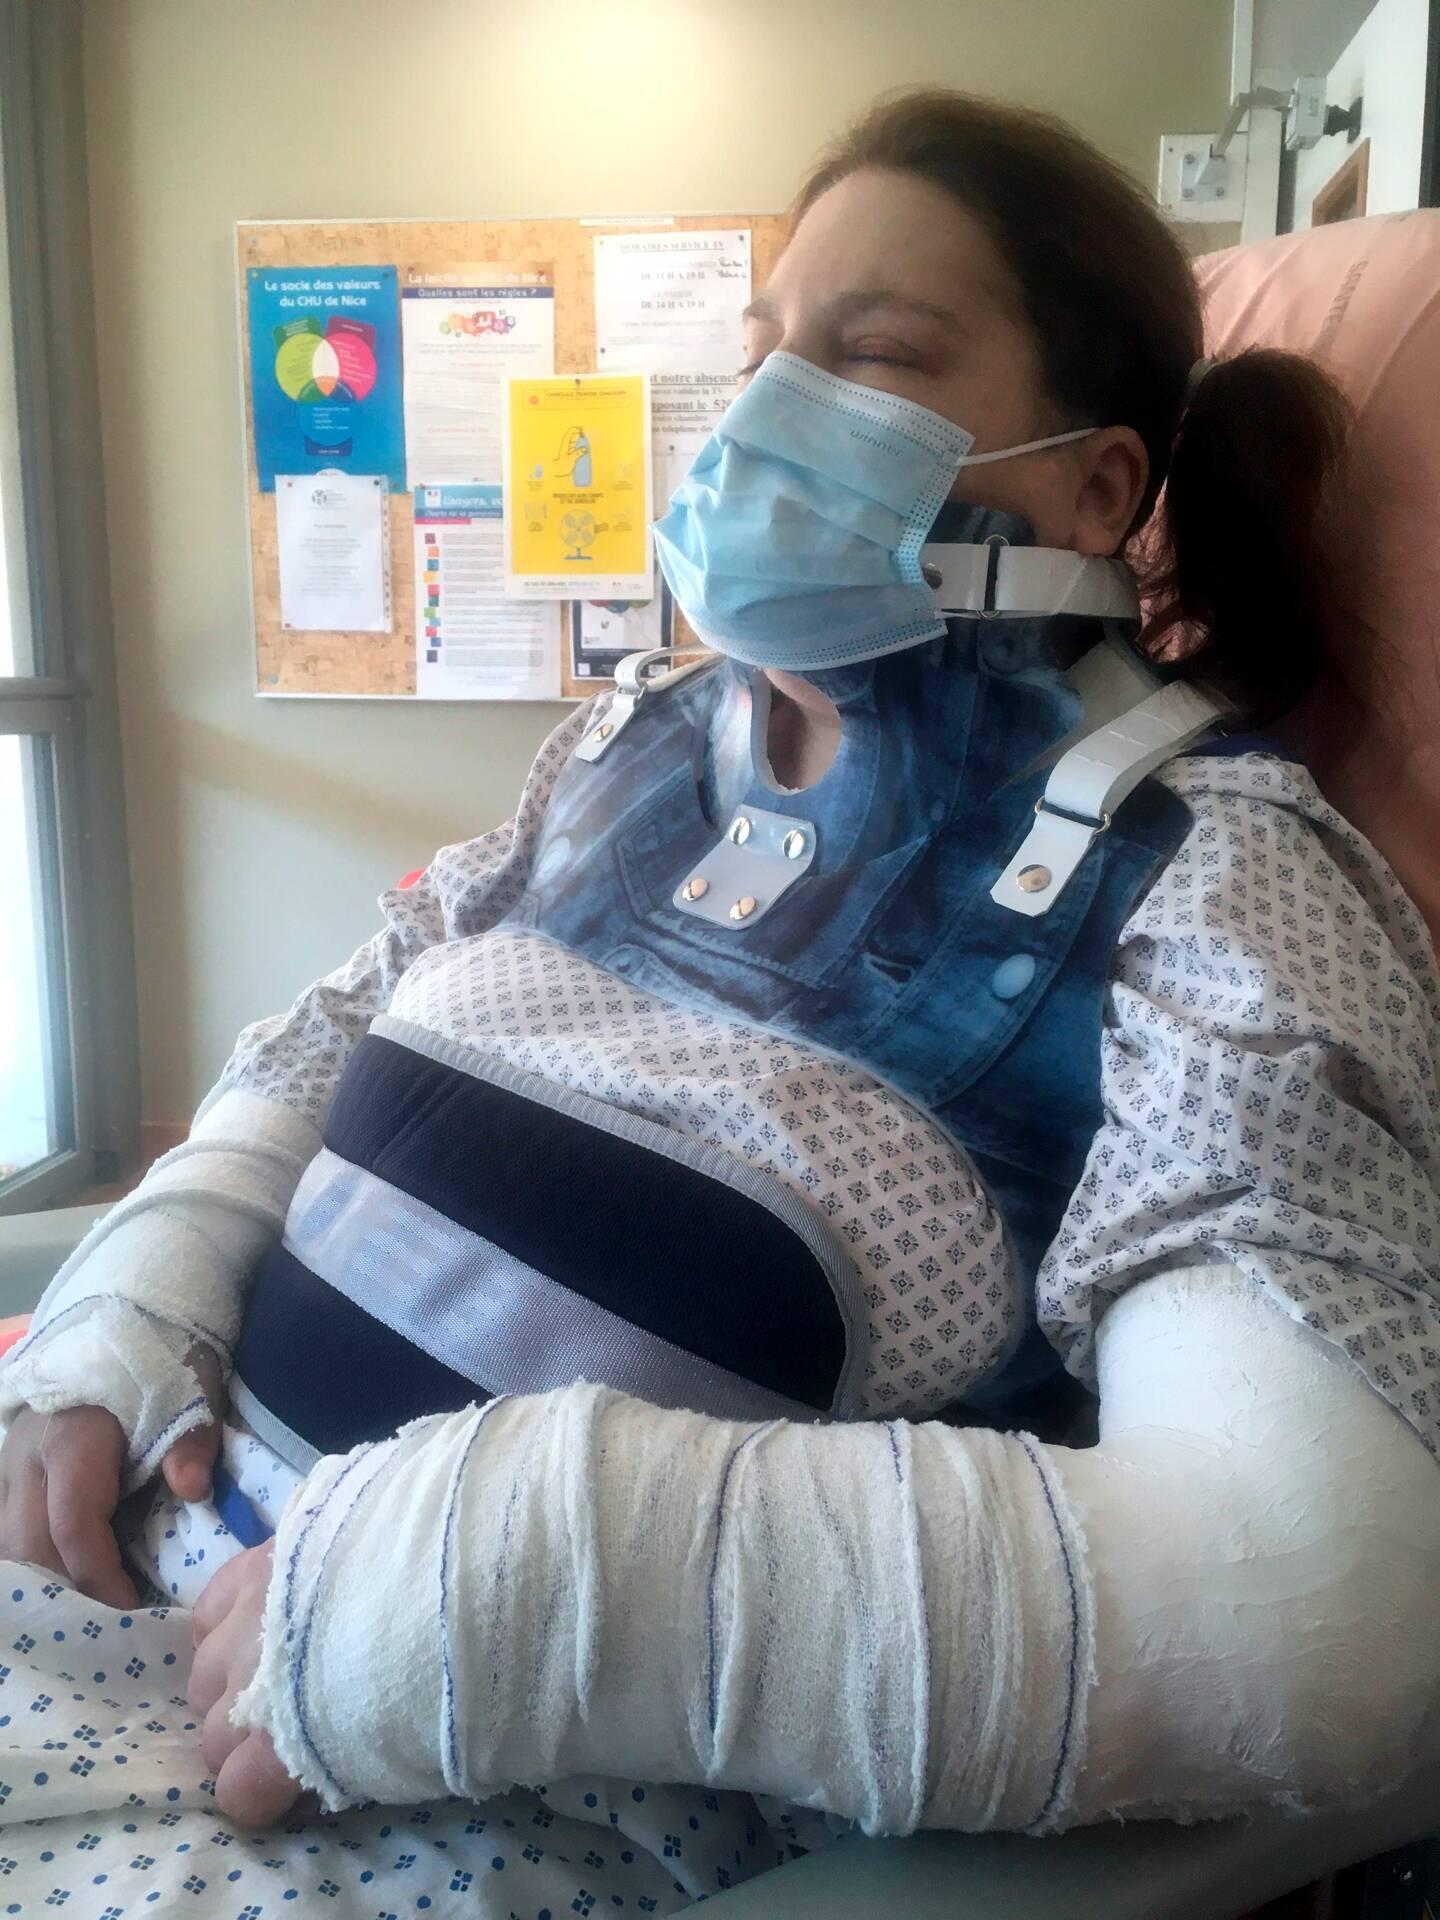 Aveugle et atteinte d'un cancer, Françoise a été retrouvé gravement blessée dans sa chambre. Un mystère pour sa famille